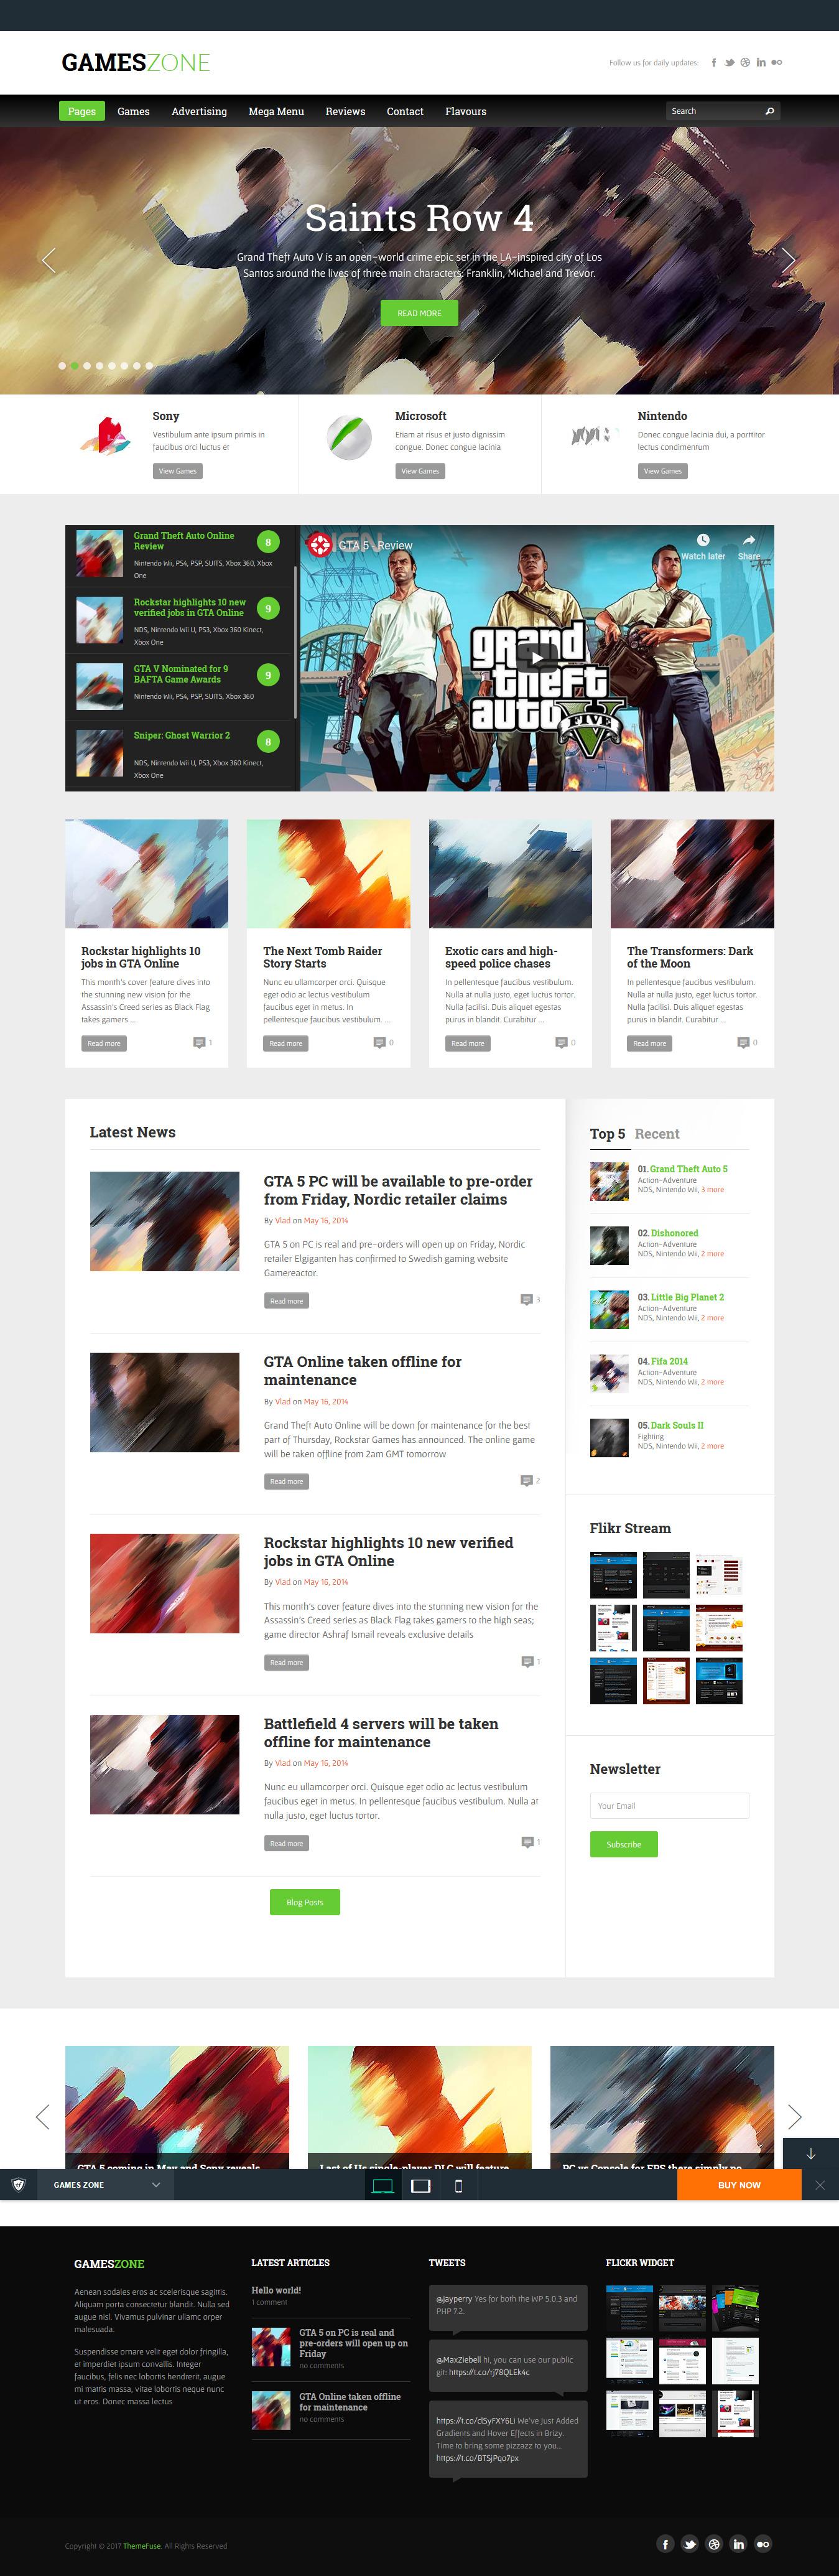 games zone best premium gaming wordpress theme - 10+ Best Premium Gaming WordPress Themes